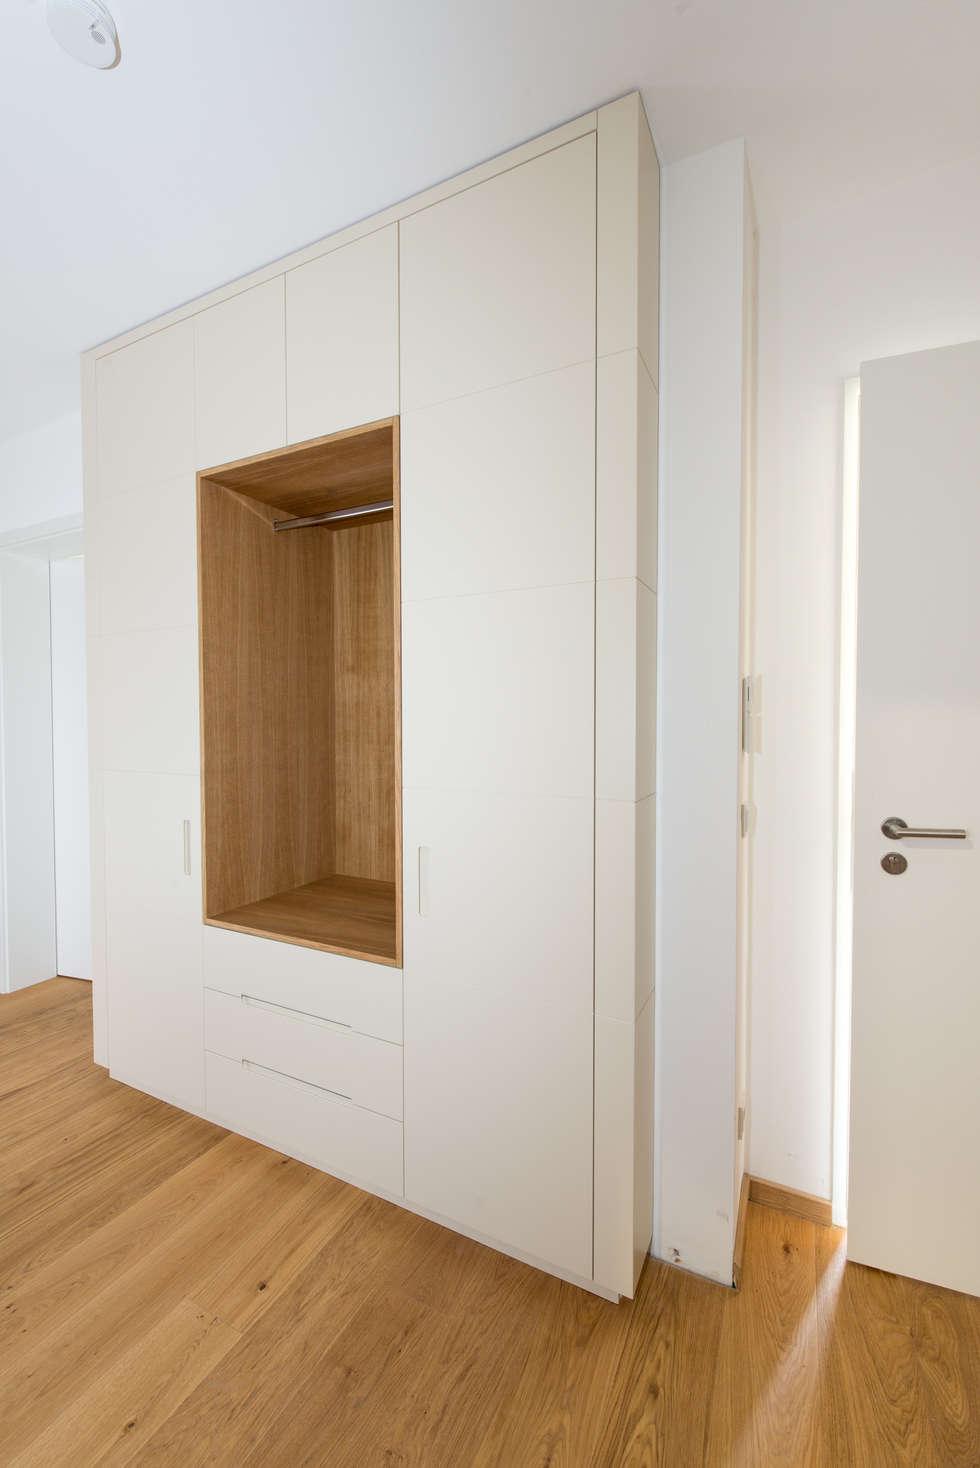 Wohnideen interior design einrichtungsideen bilder for Garderobe versteckt